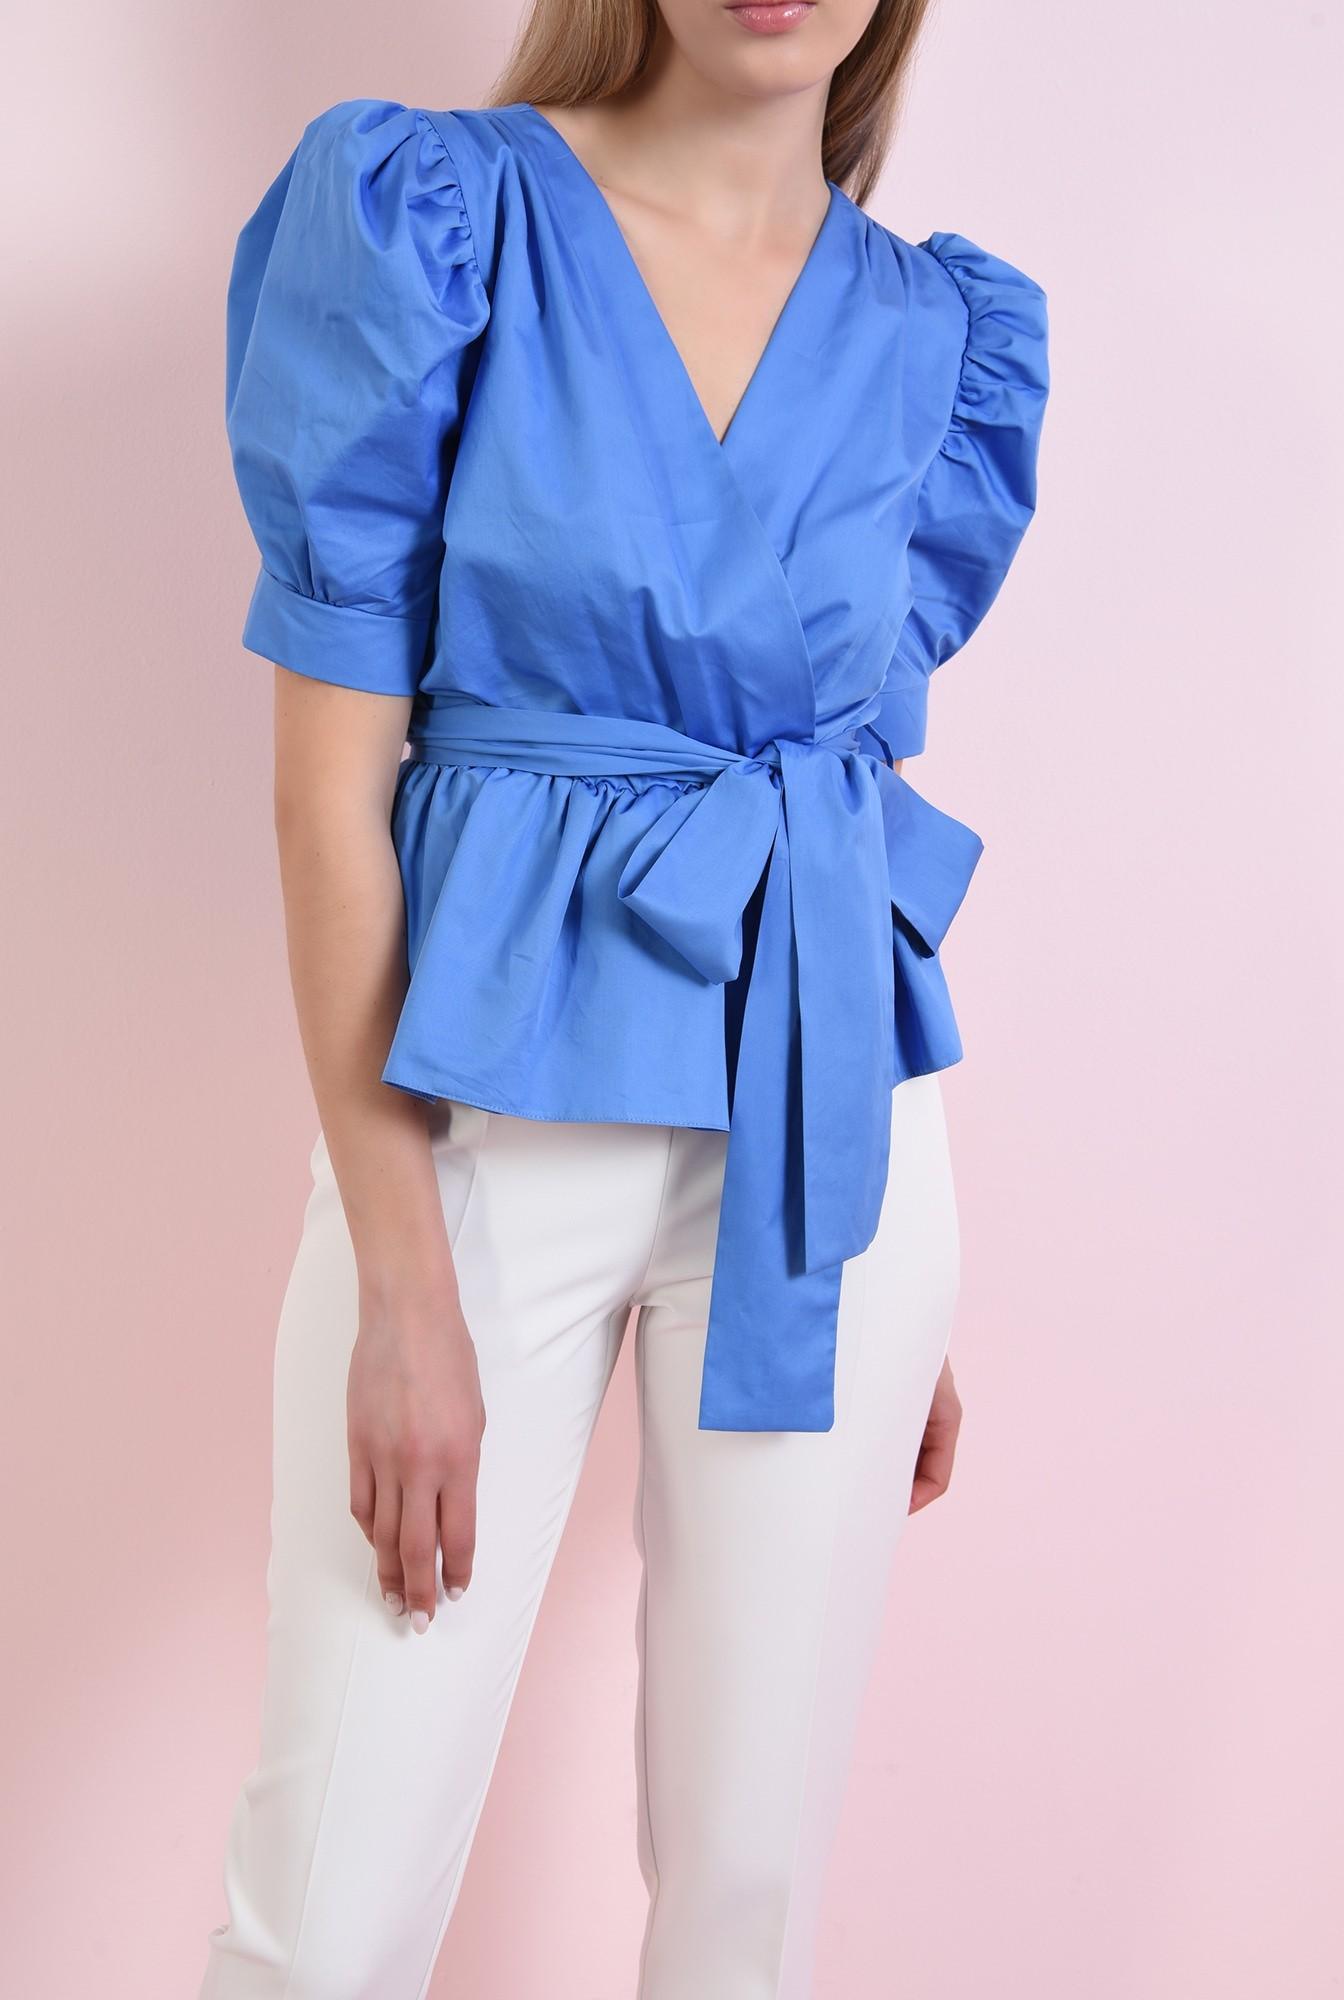 360 - bluza albastra, din bumbac